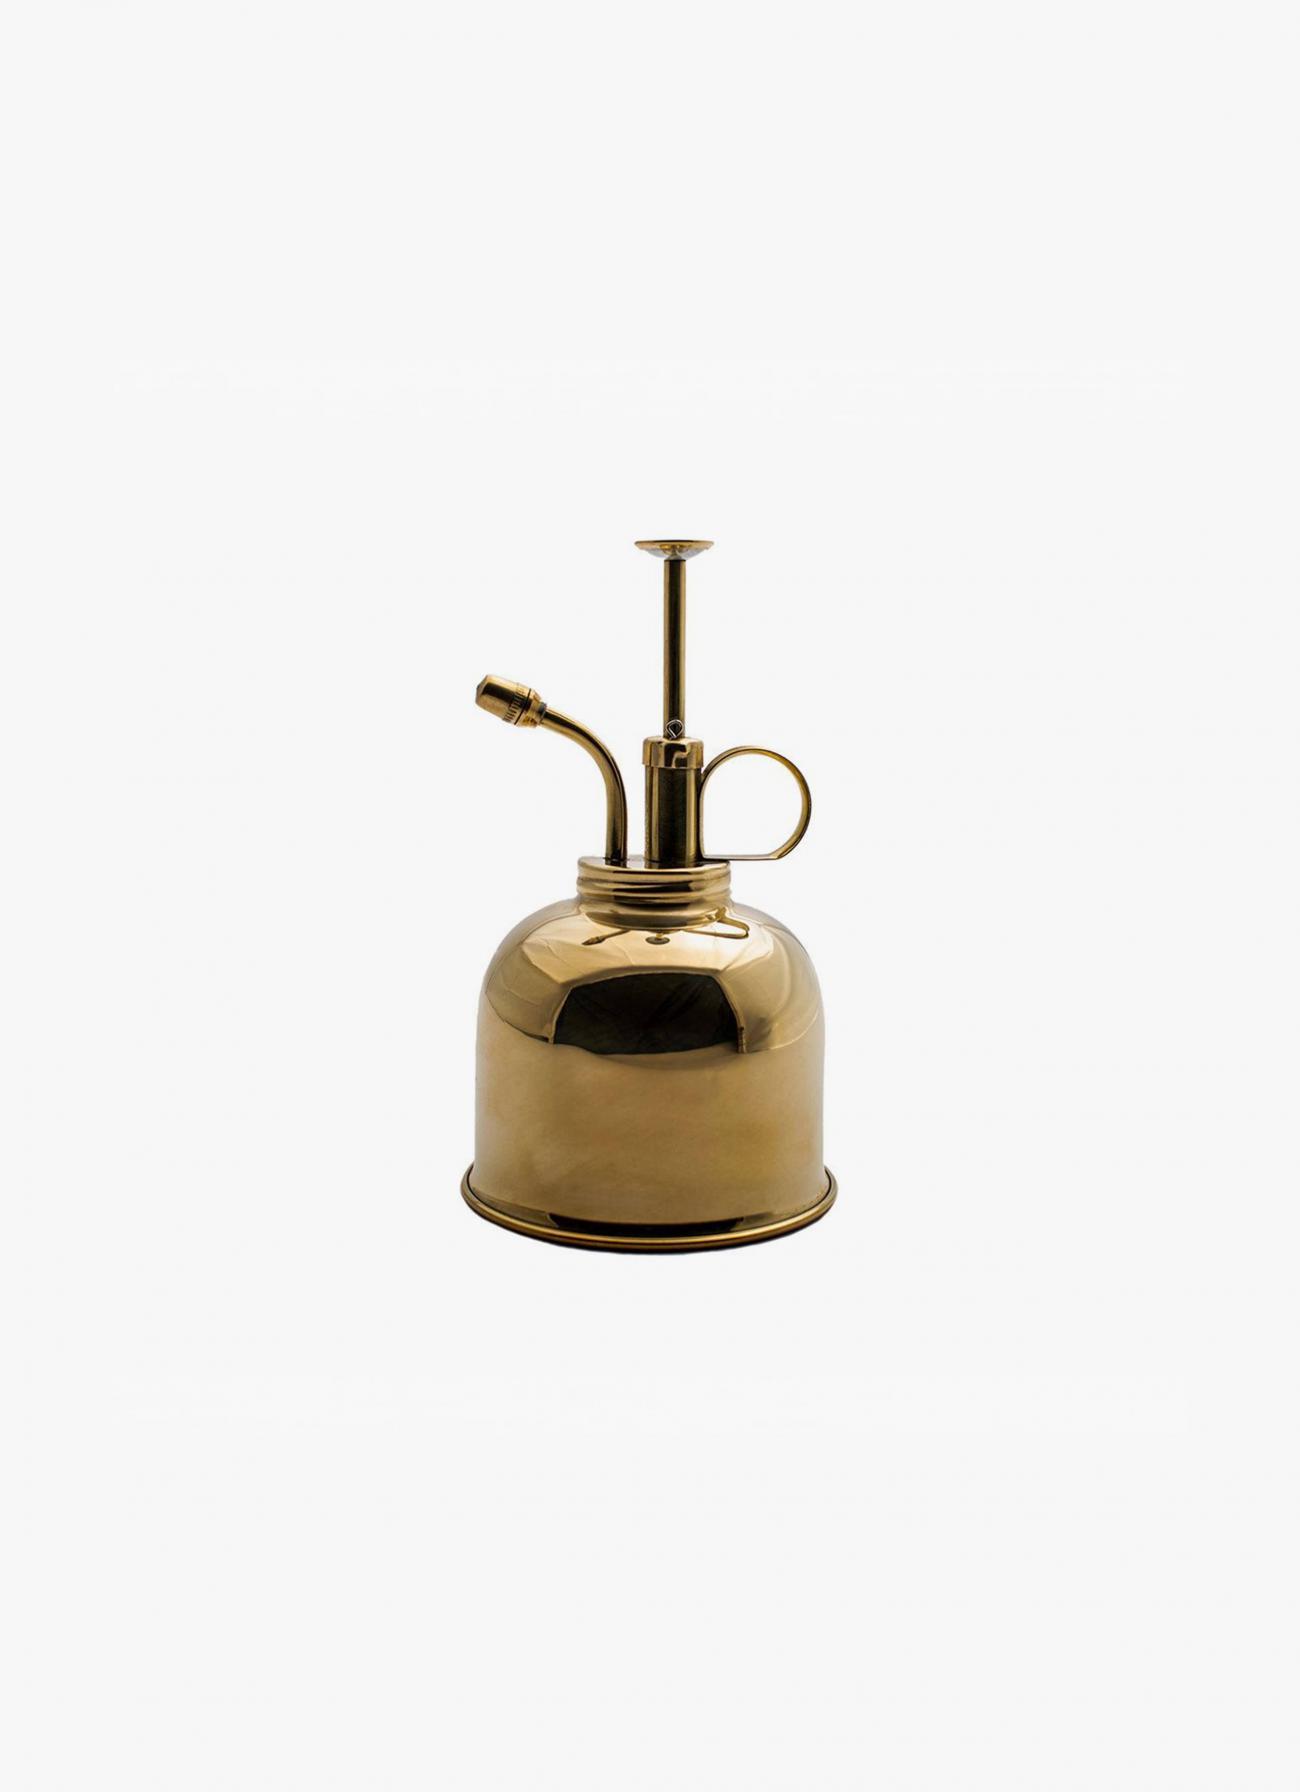 Haws Watering Cans - Metal Mist Sprayer - Brass